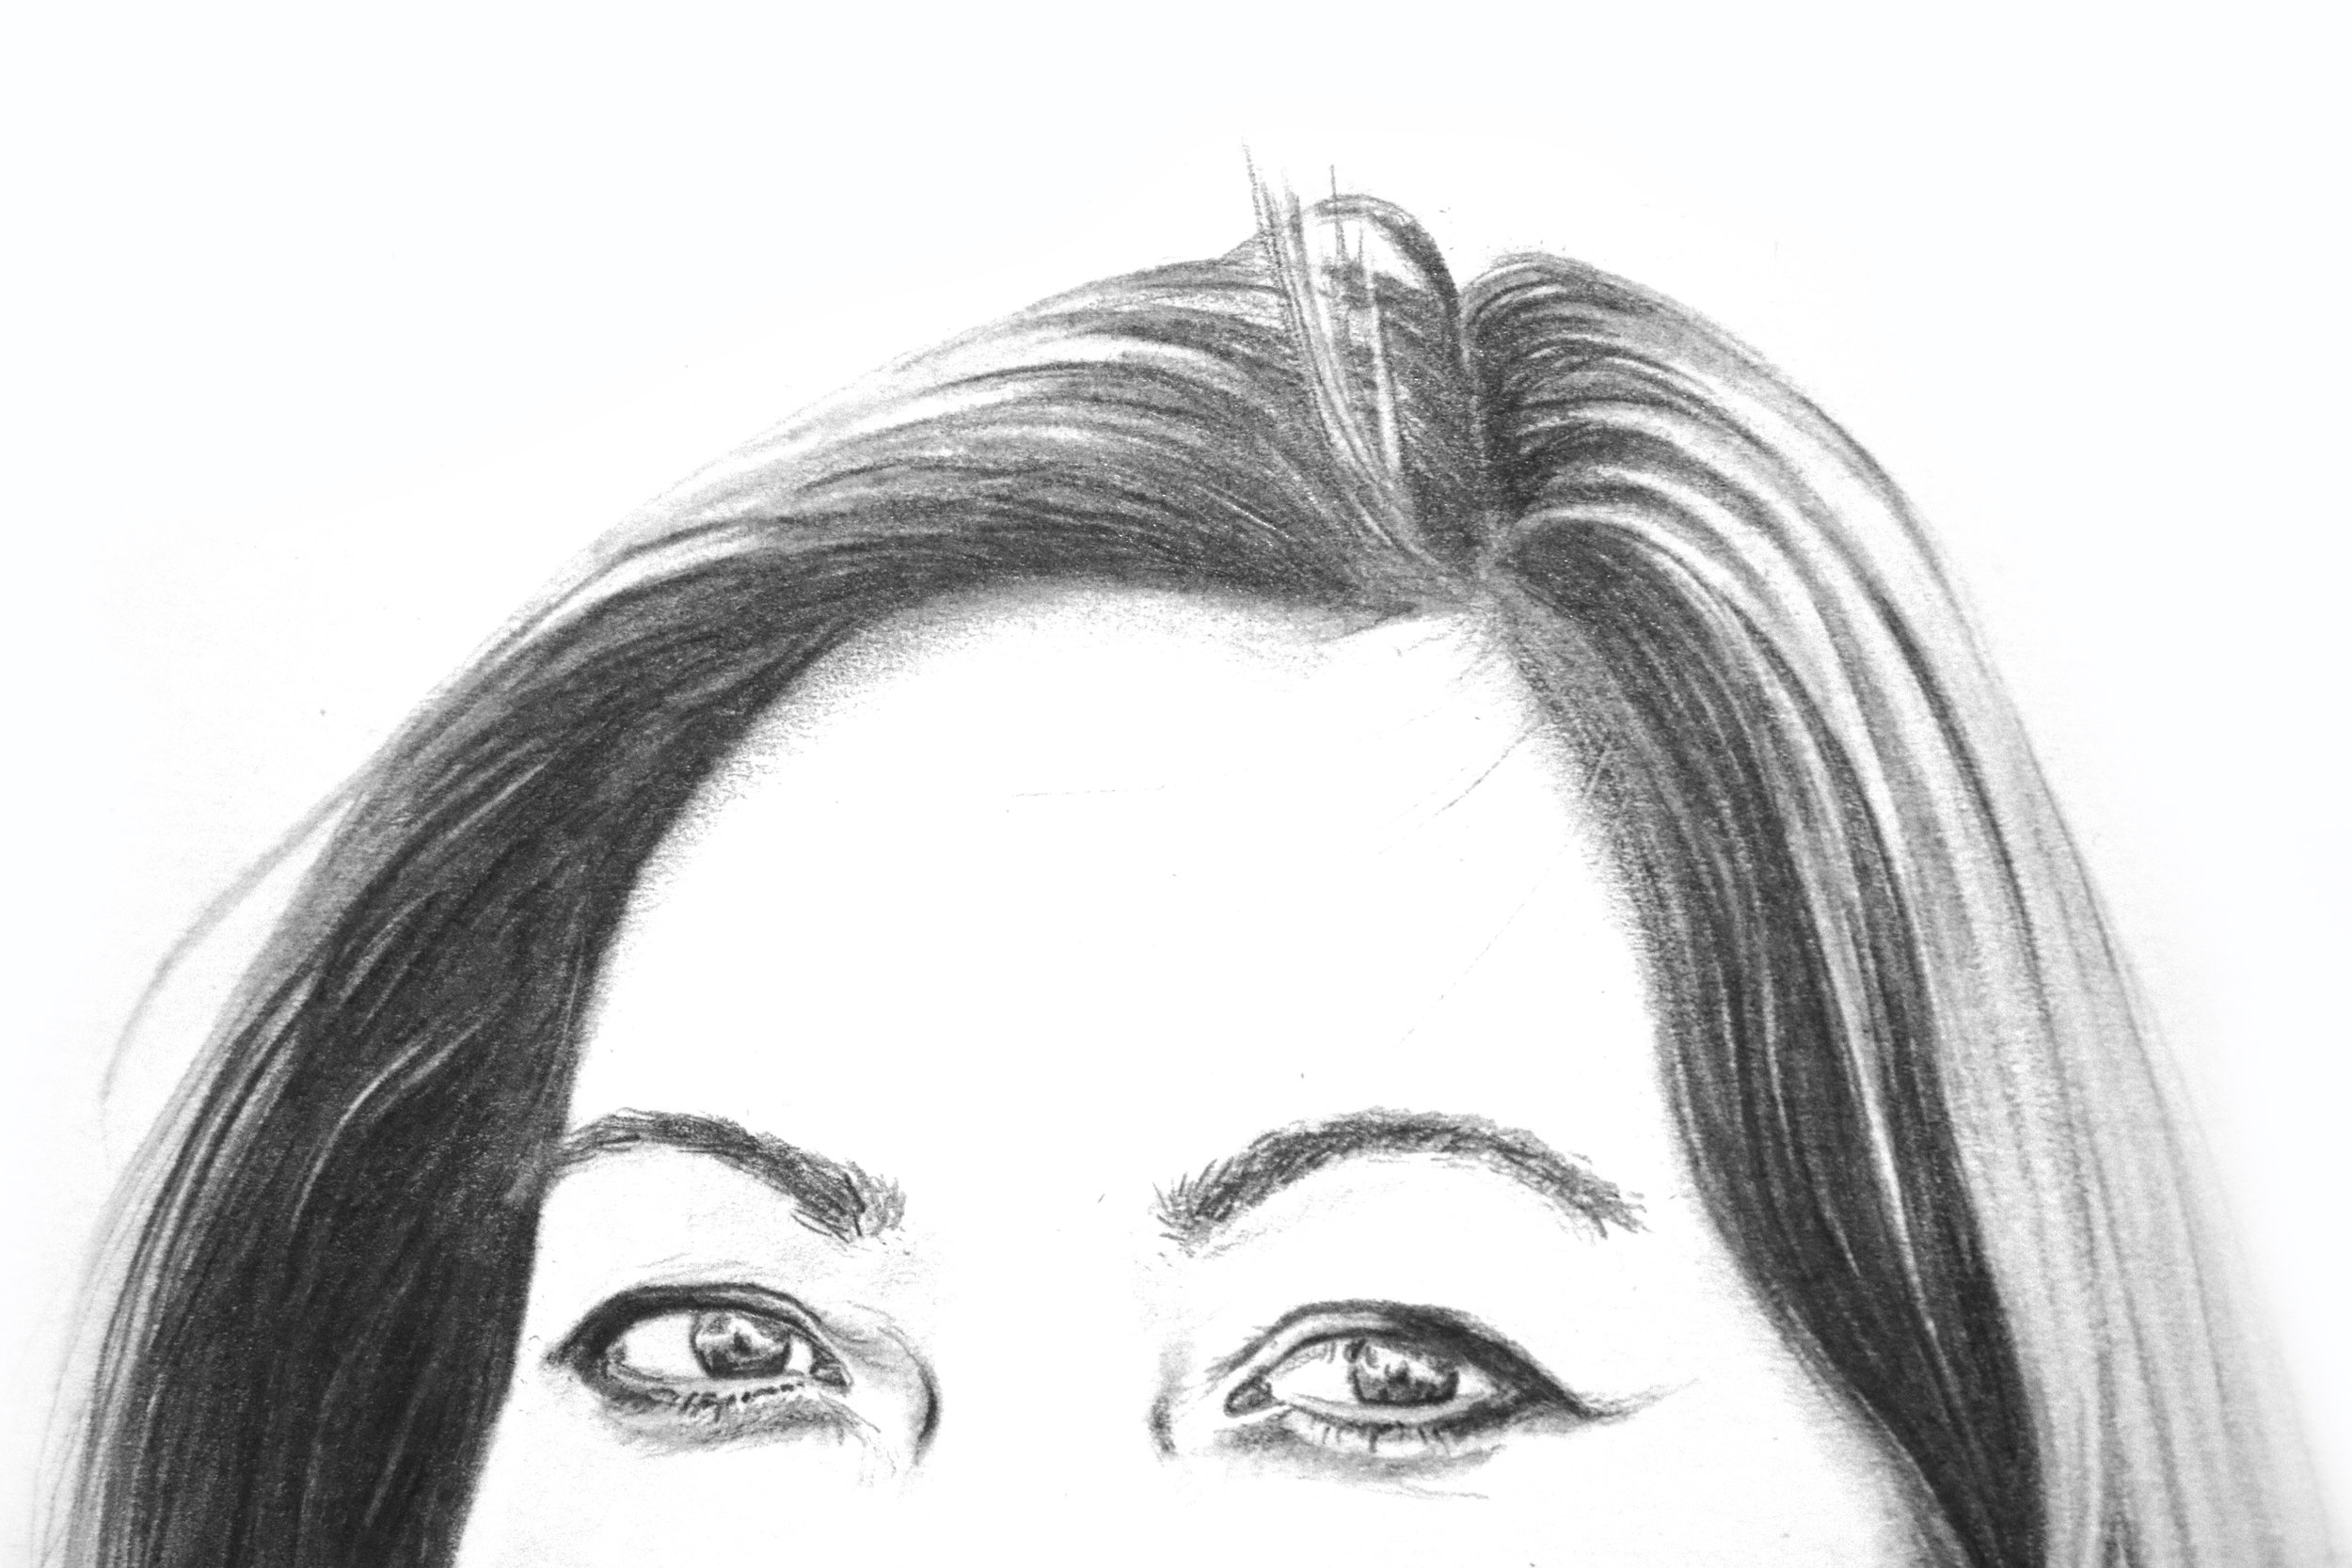 2018-12-13 - Portrait - Klaireese - ForeheadDetail.jpg